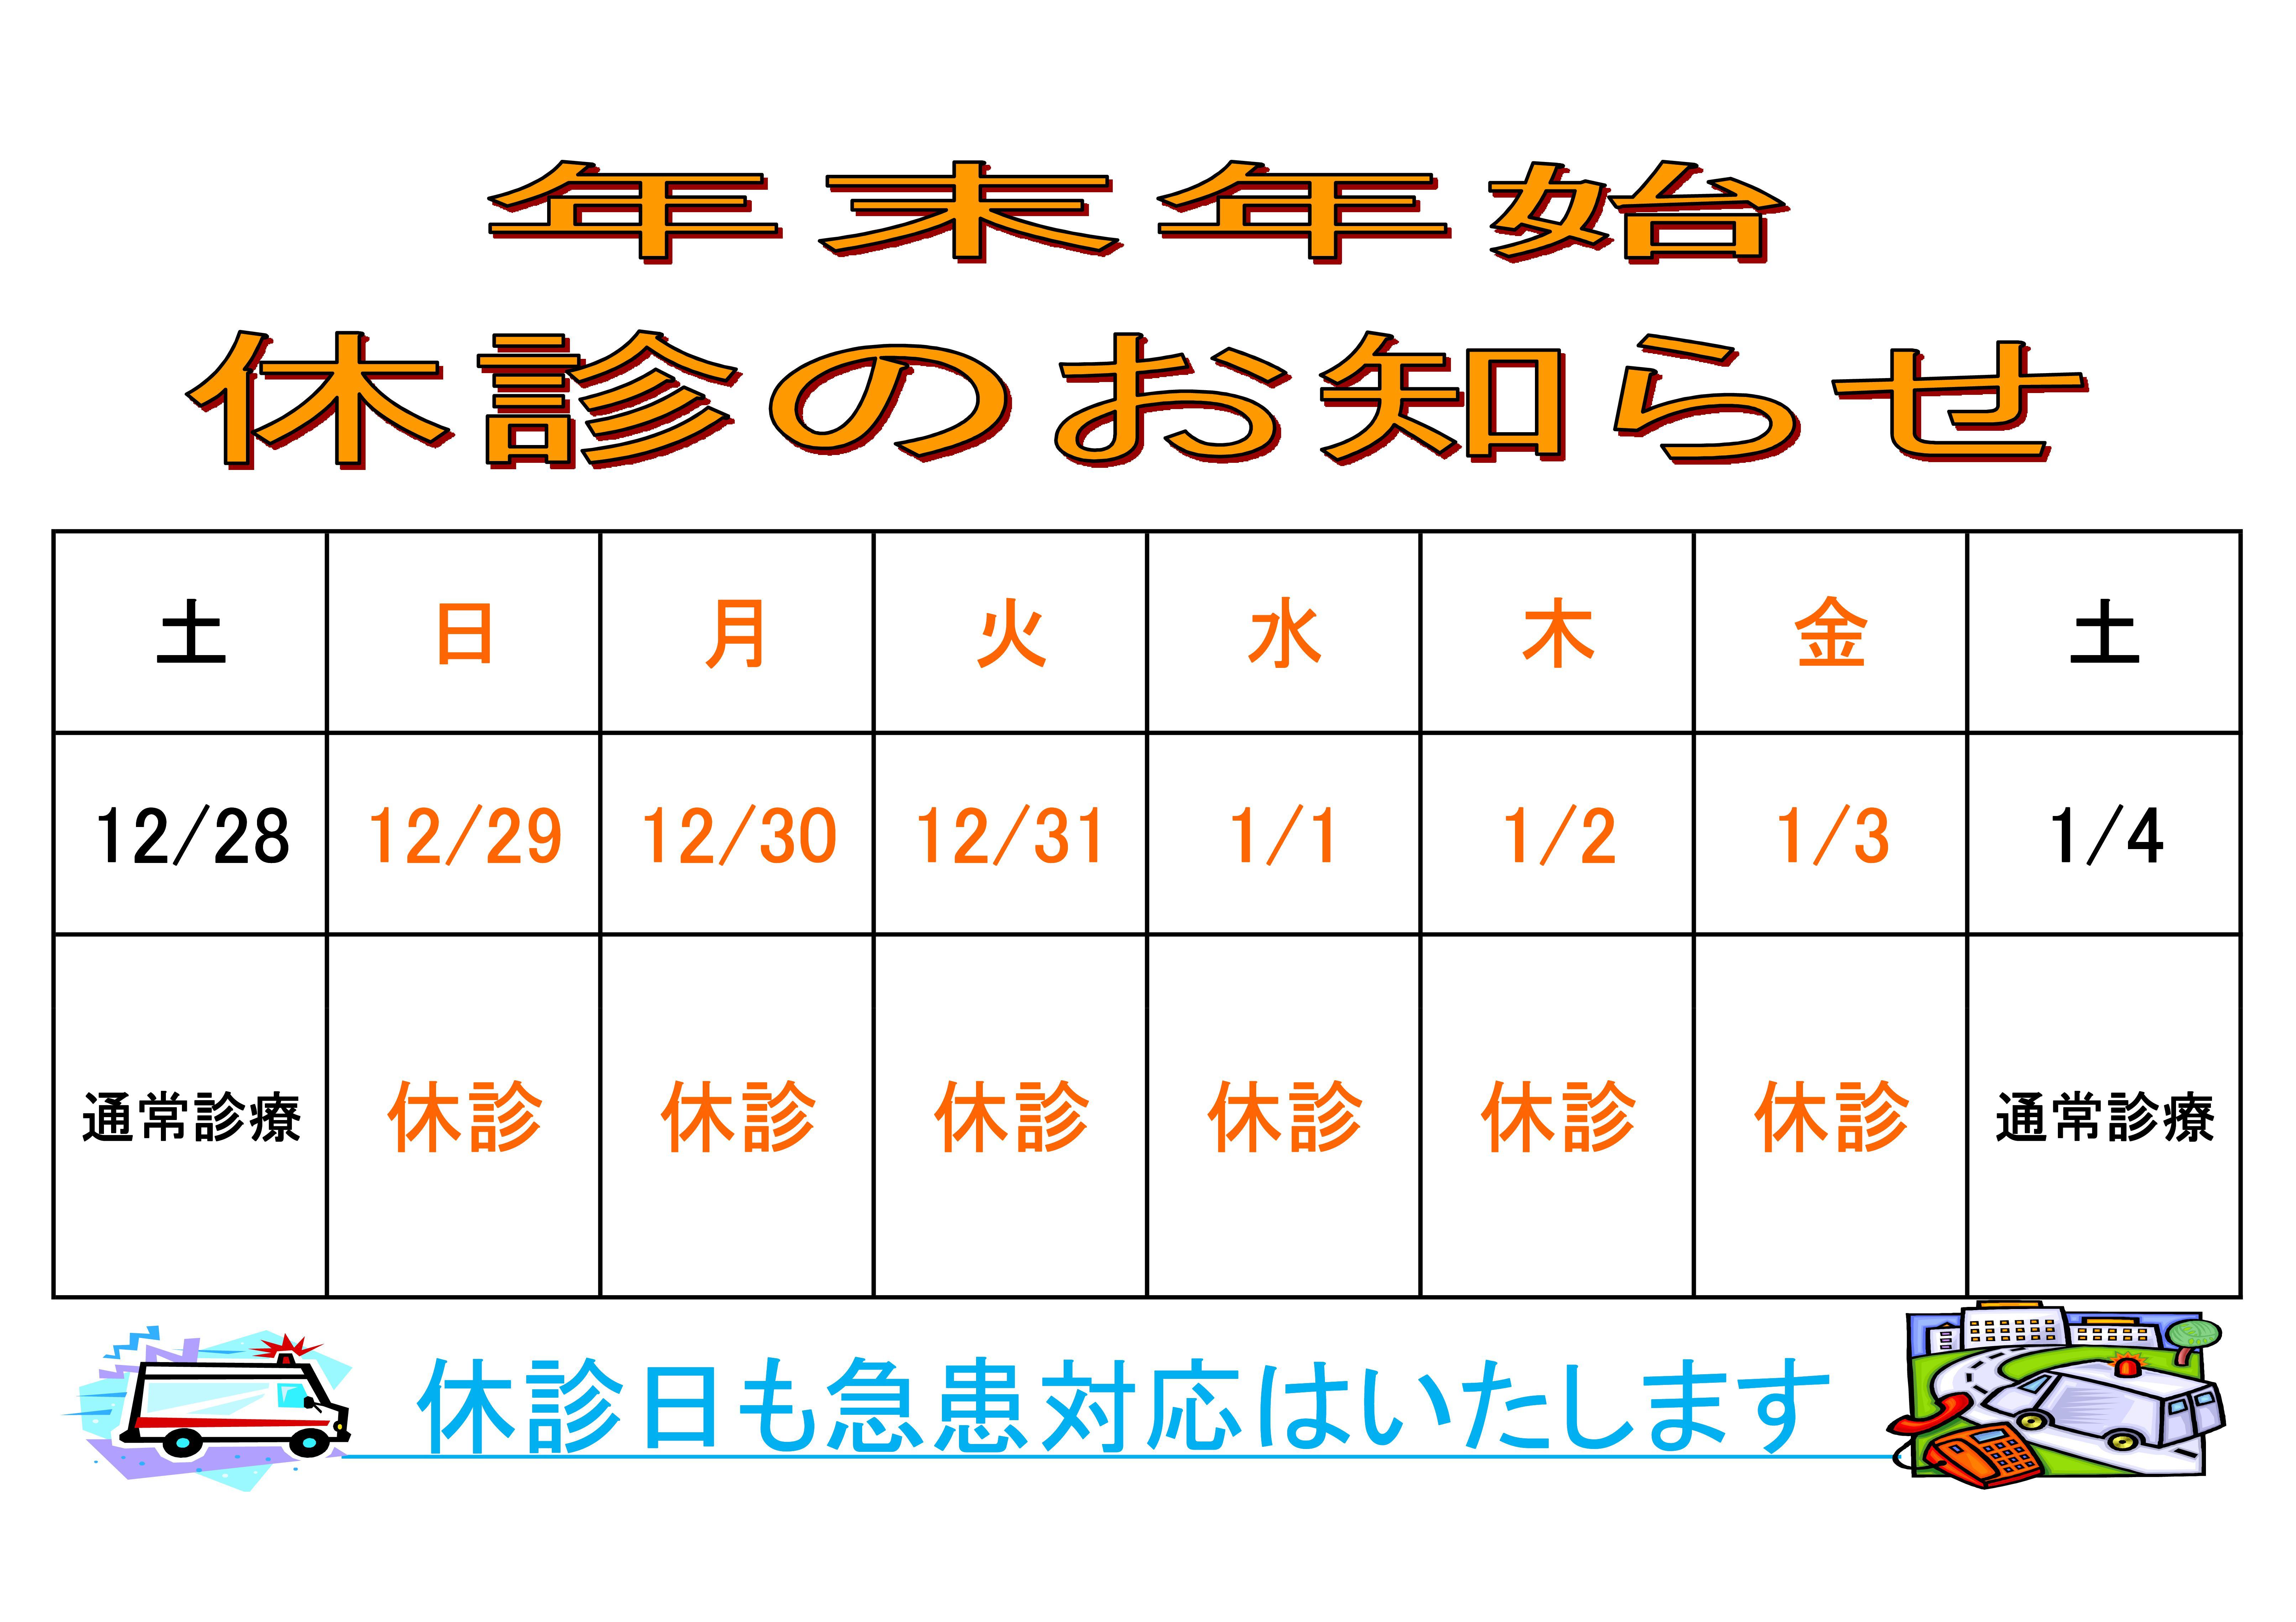 年末年始は2018.12.29~2019.1.3まで休診となりますが、救急対応は可能です。